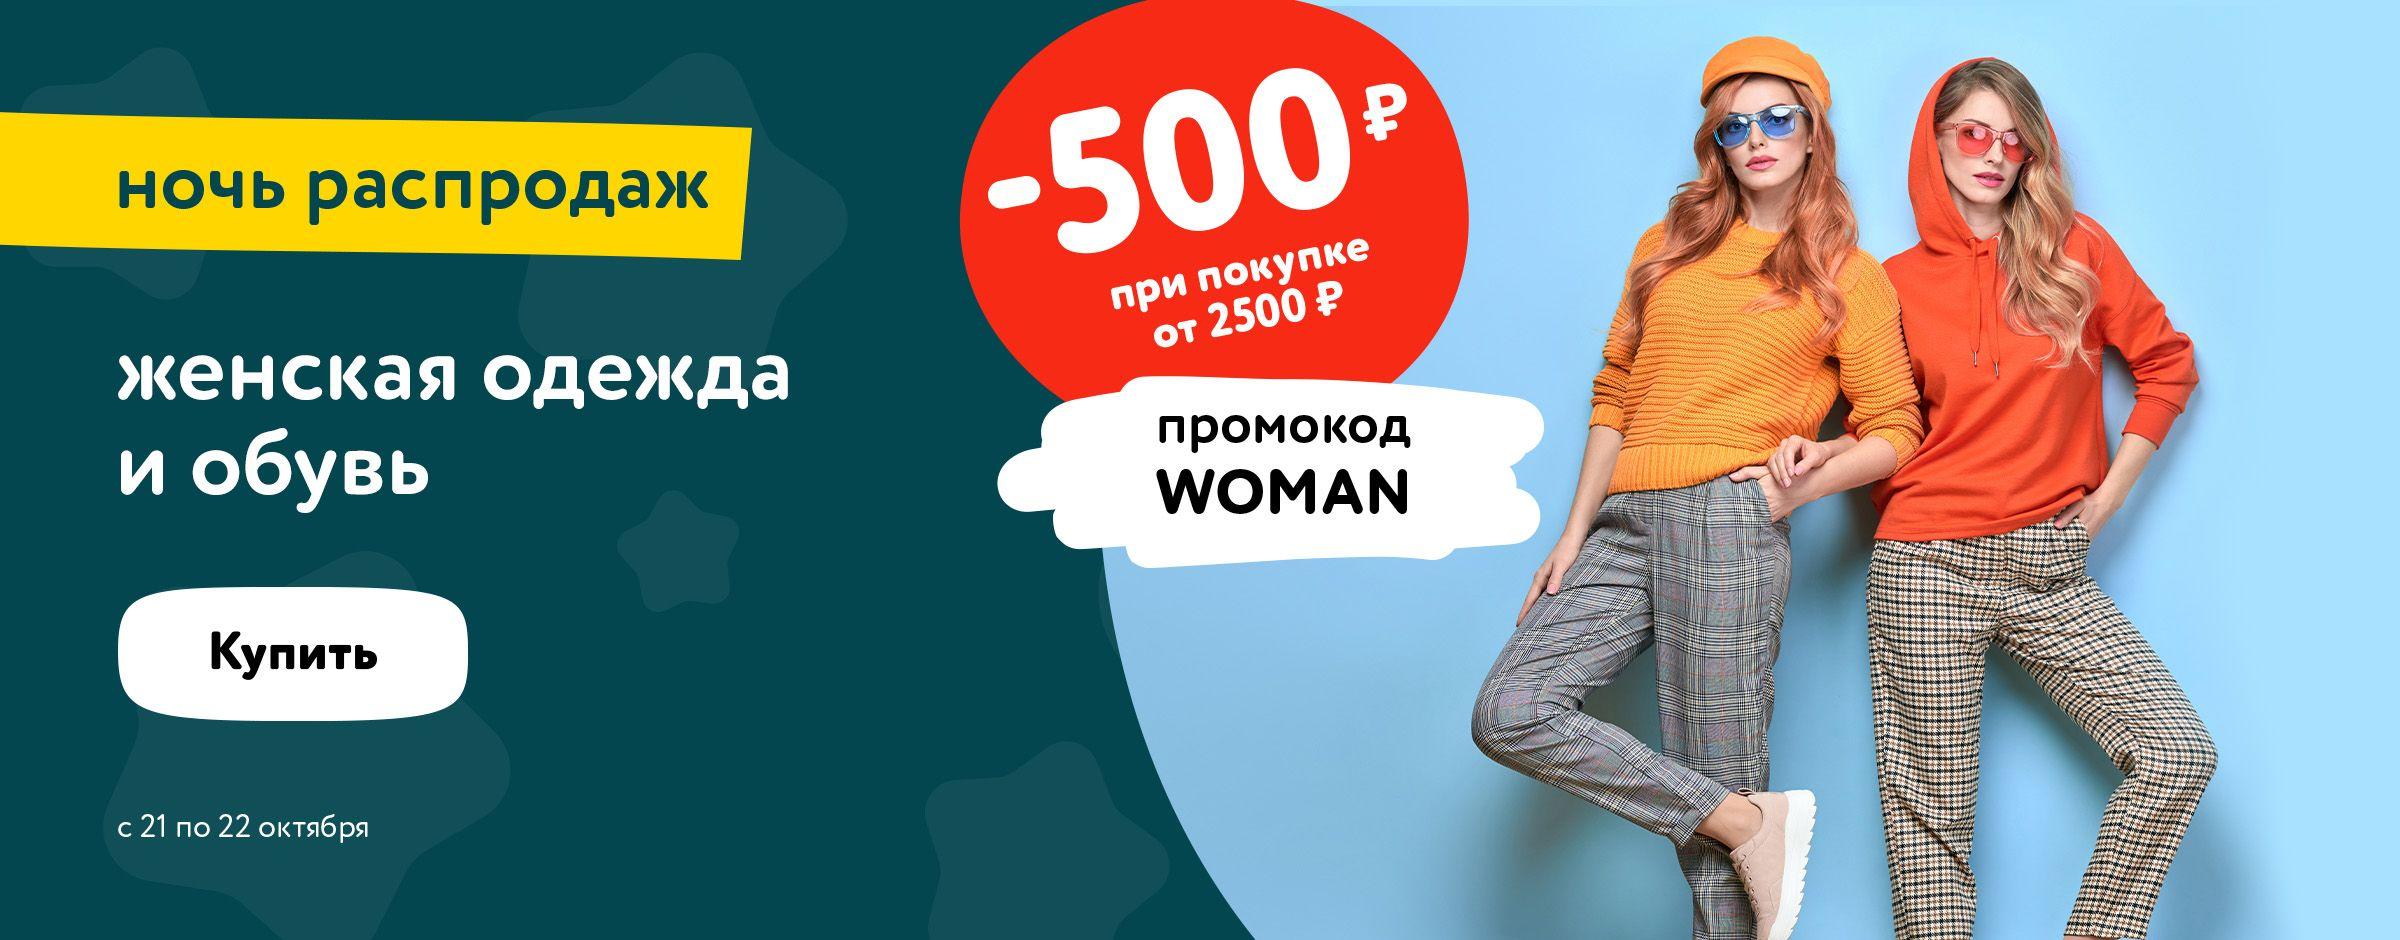 Скидка 500 руб. на женскую одежду при покупке от 2500 руб. по промокоду_Ночь